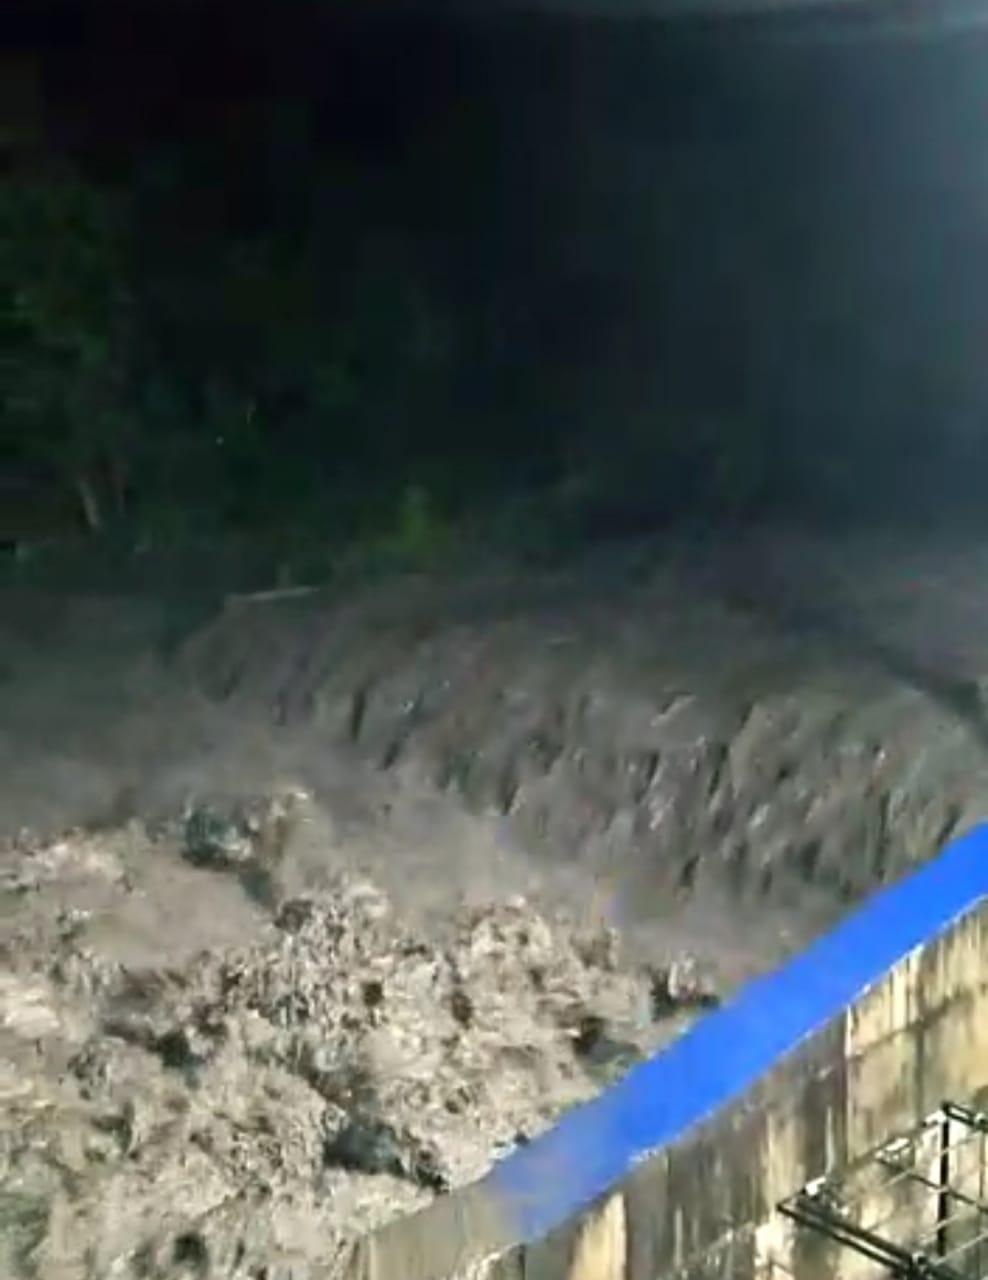 Intermitencia en el suministro de agua en Ibagué por fuertes lluvias